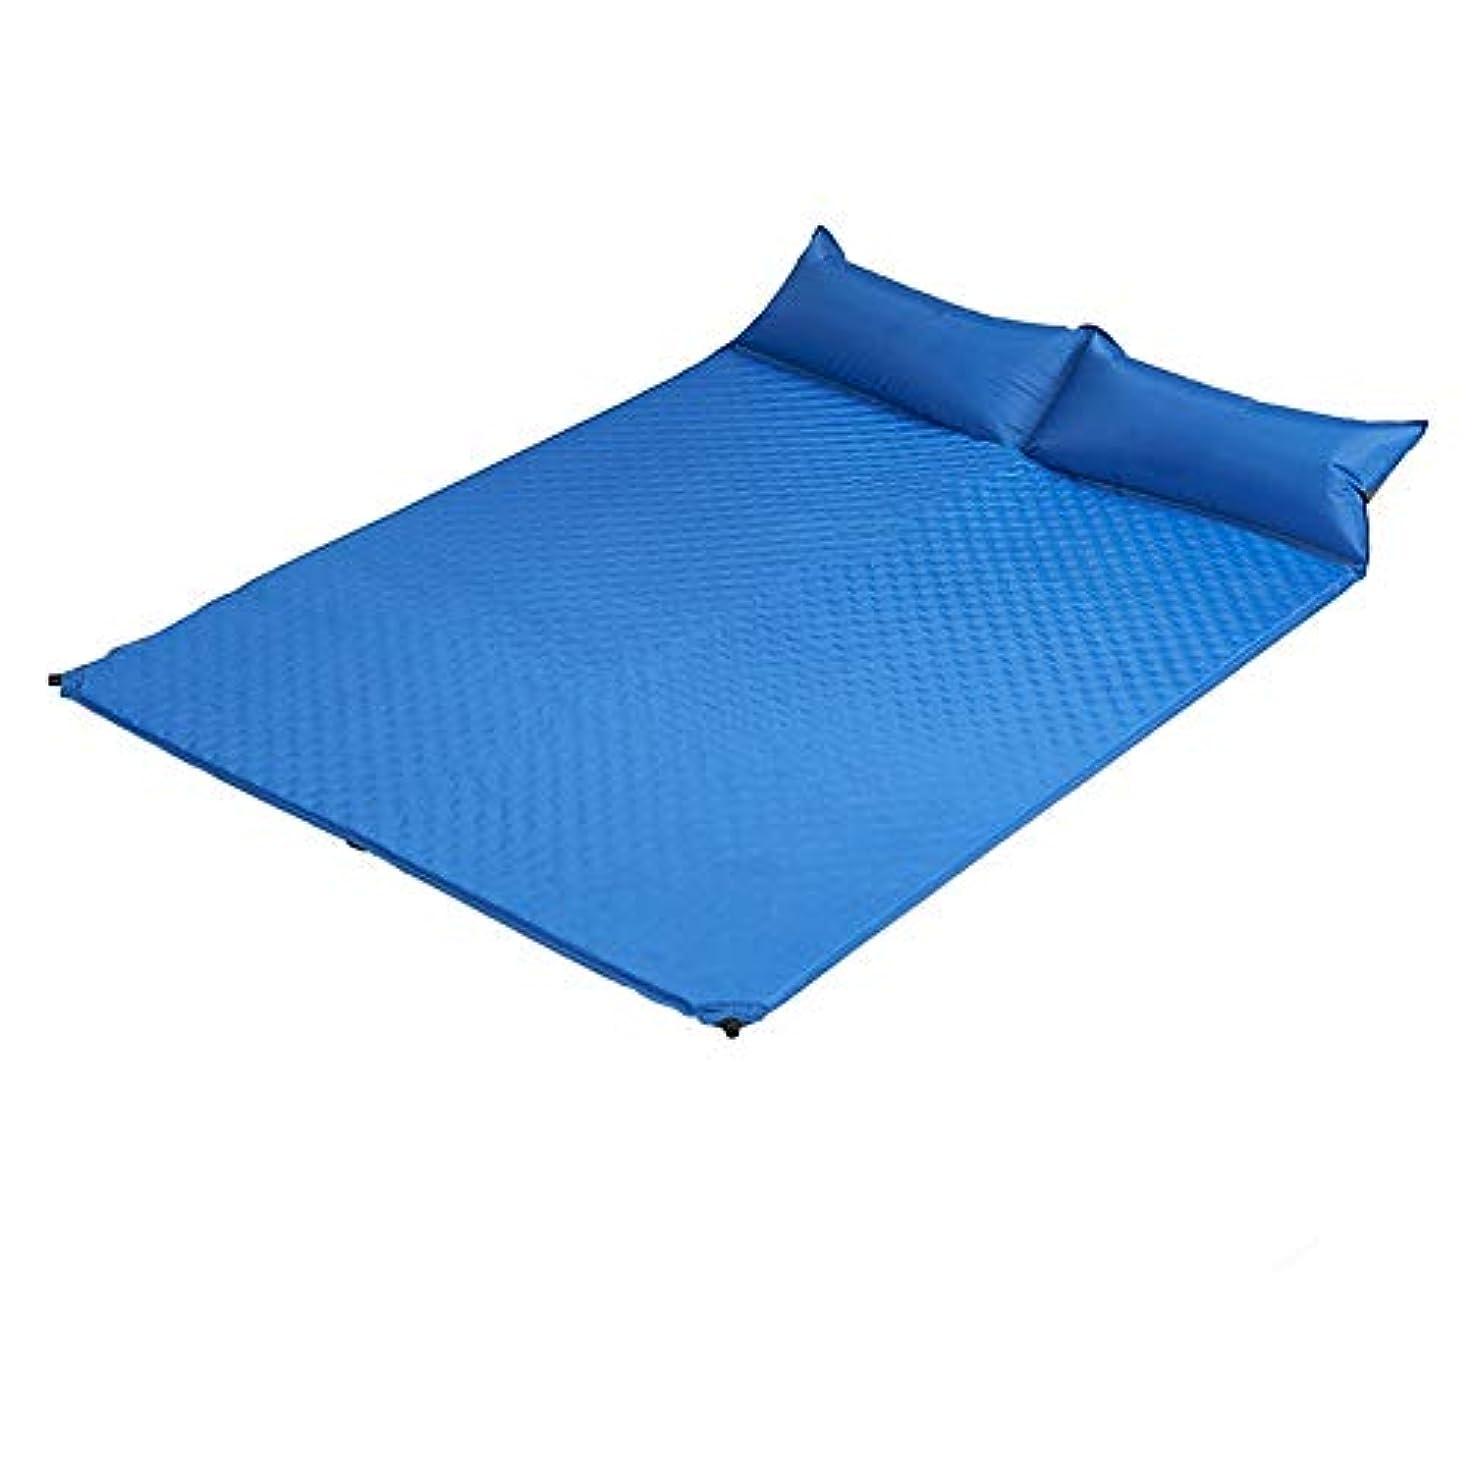 予備死幻想的寝袋マットレスキルトテント3シーズンキャンプブッシュ屋外屋外 自動インフレータブルキャンプテントスリーピングマット水分パッド厚いスポンジハニカムスポンジ2色オプション 個別の選択は完了しました (色 : 濃紺)